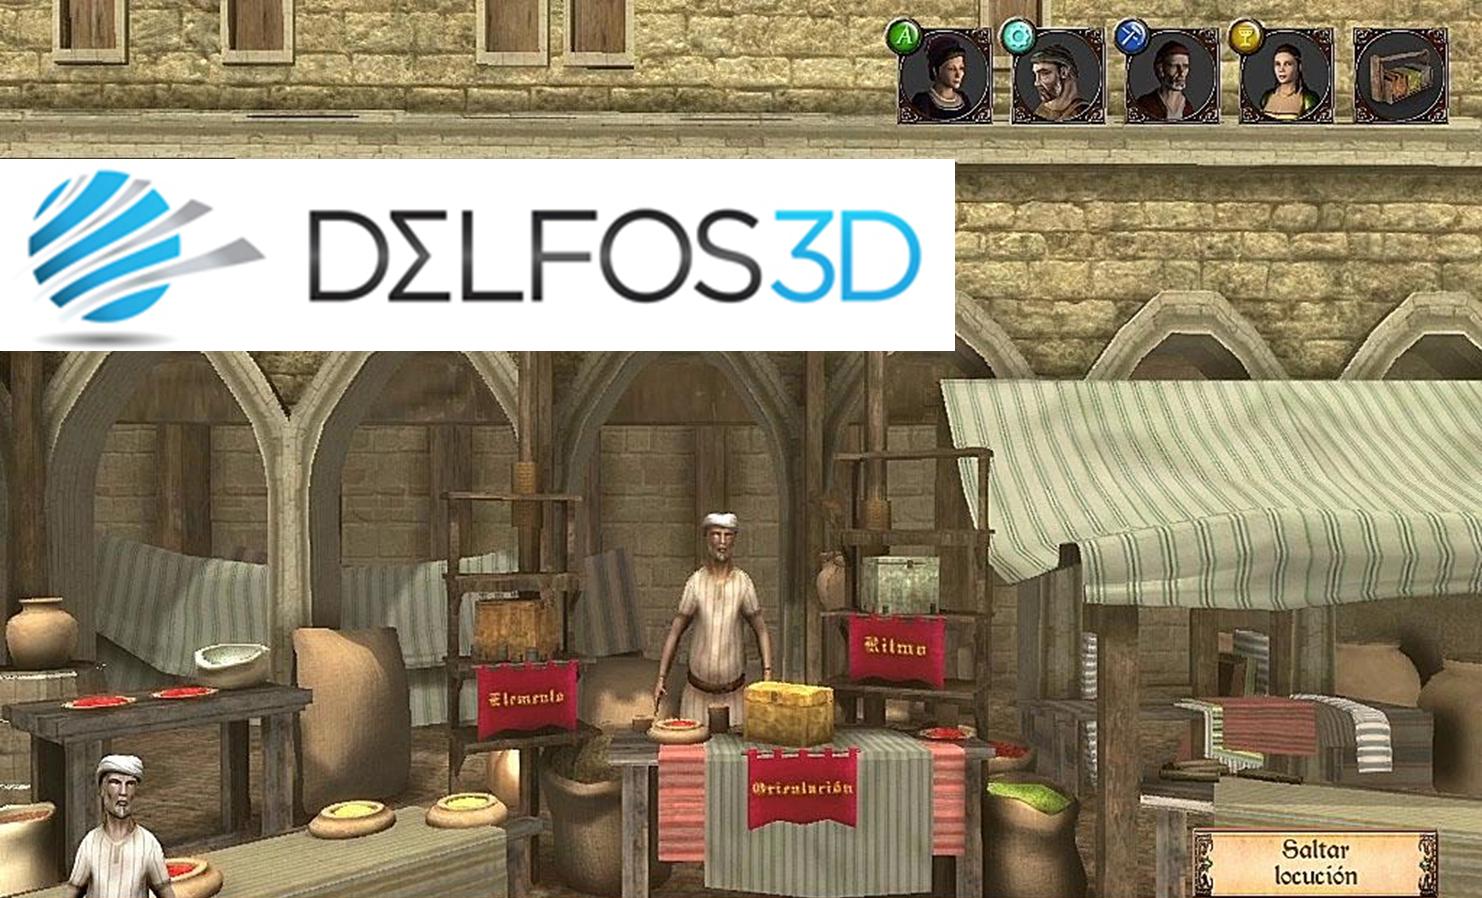 Delfos 3d